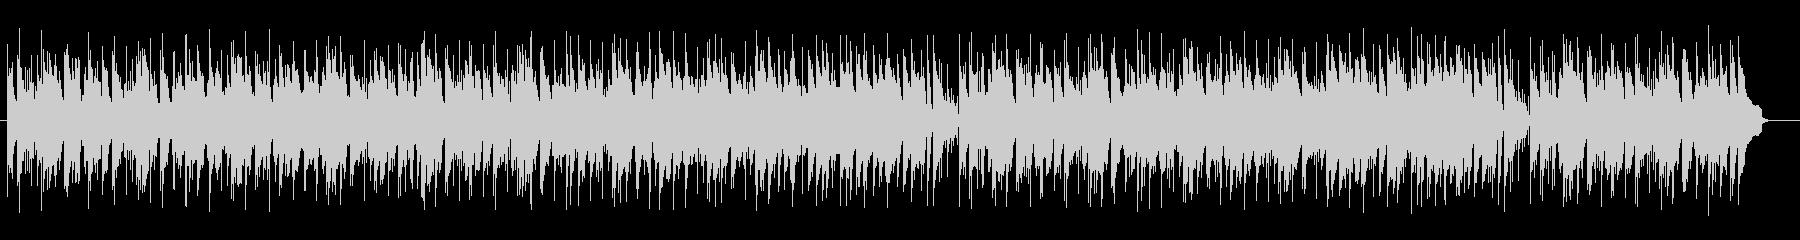 楽しげでおしゃれなシンセサイザーサウンドの未再生の波形